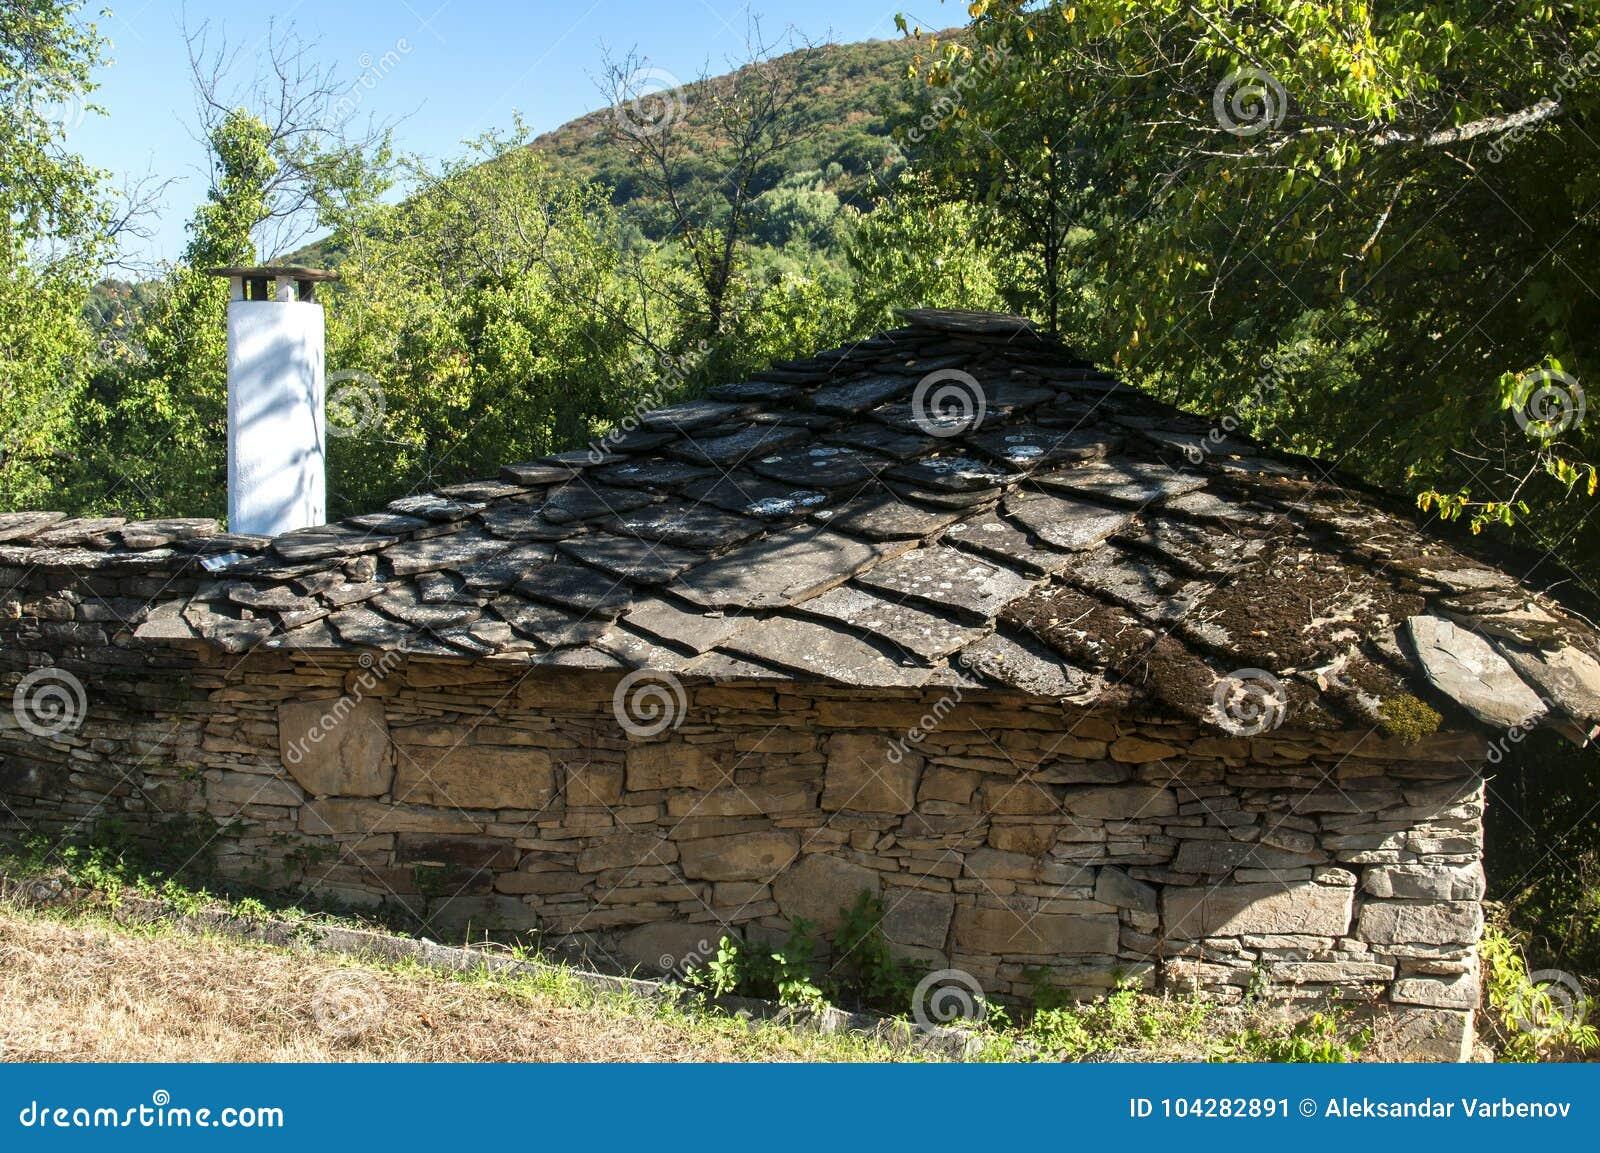 Case Di Campagna In Pietra : Vecchia casa di campagna di pietra immagine stock immagine